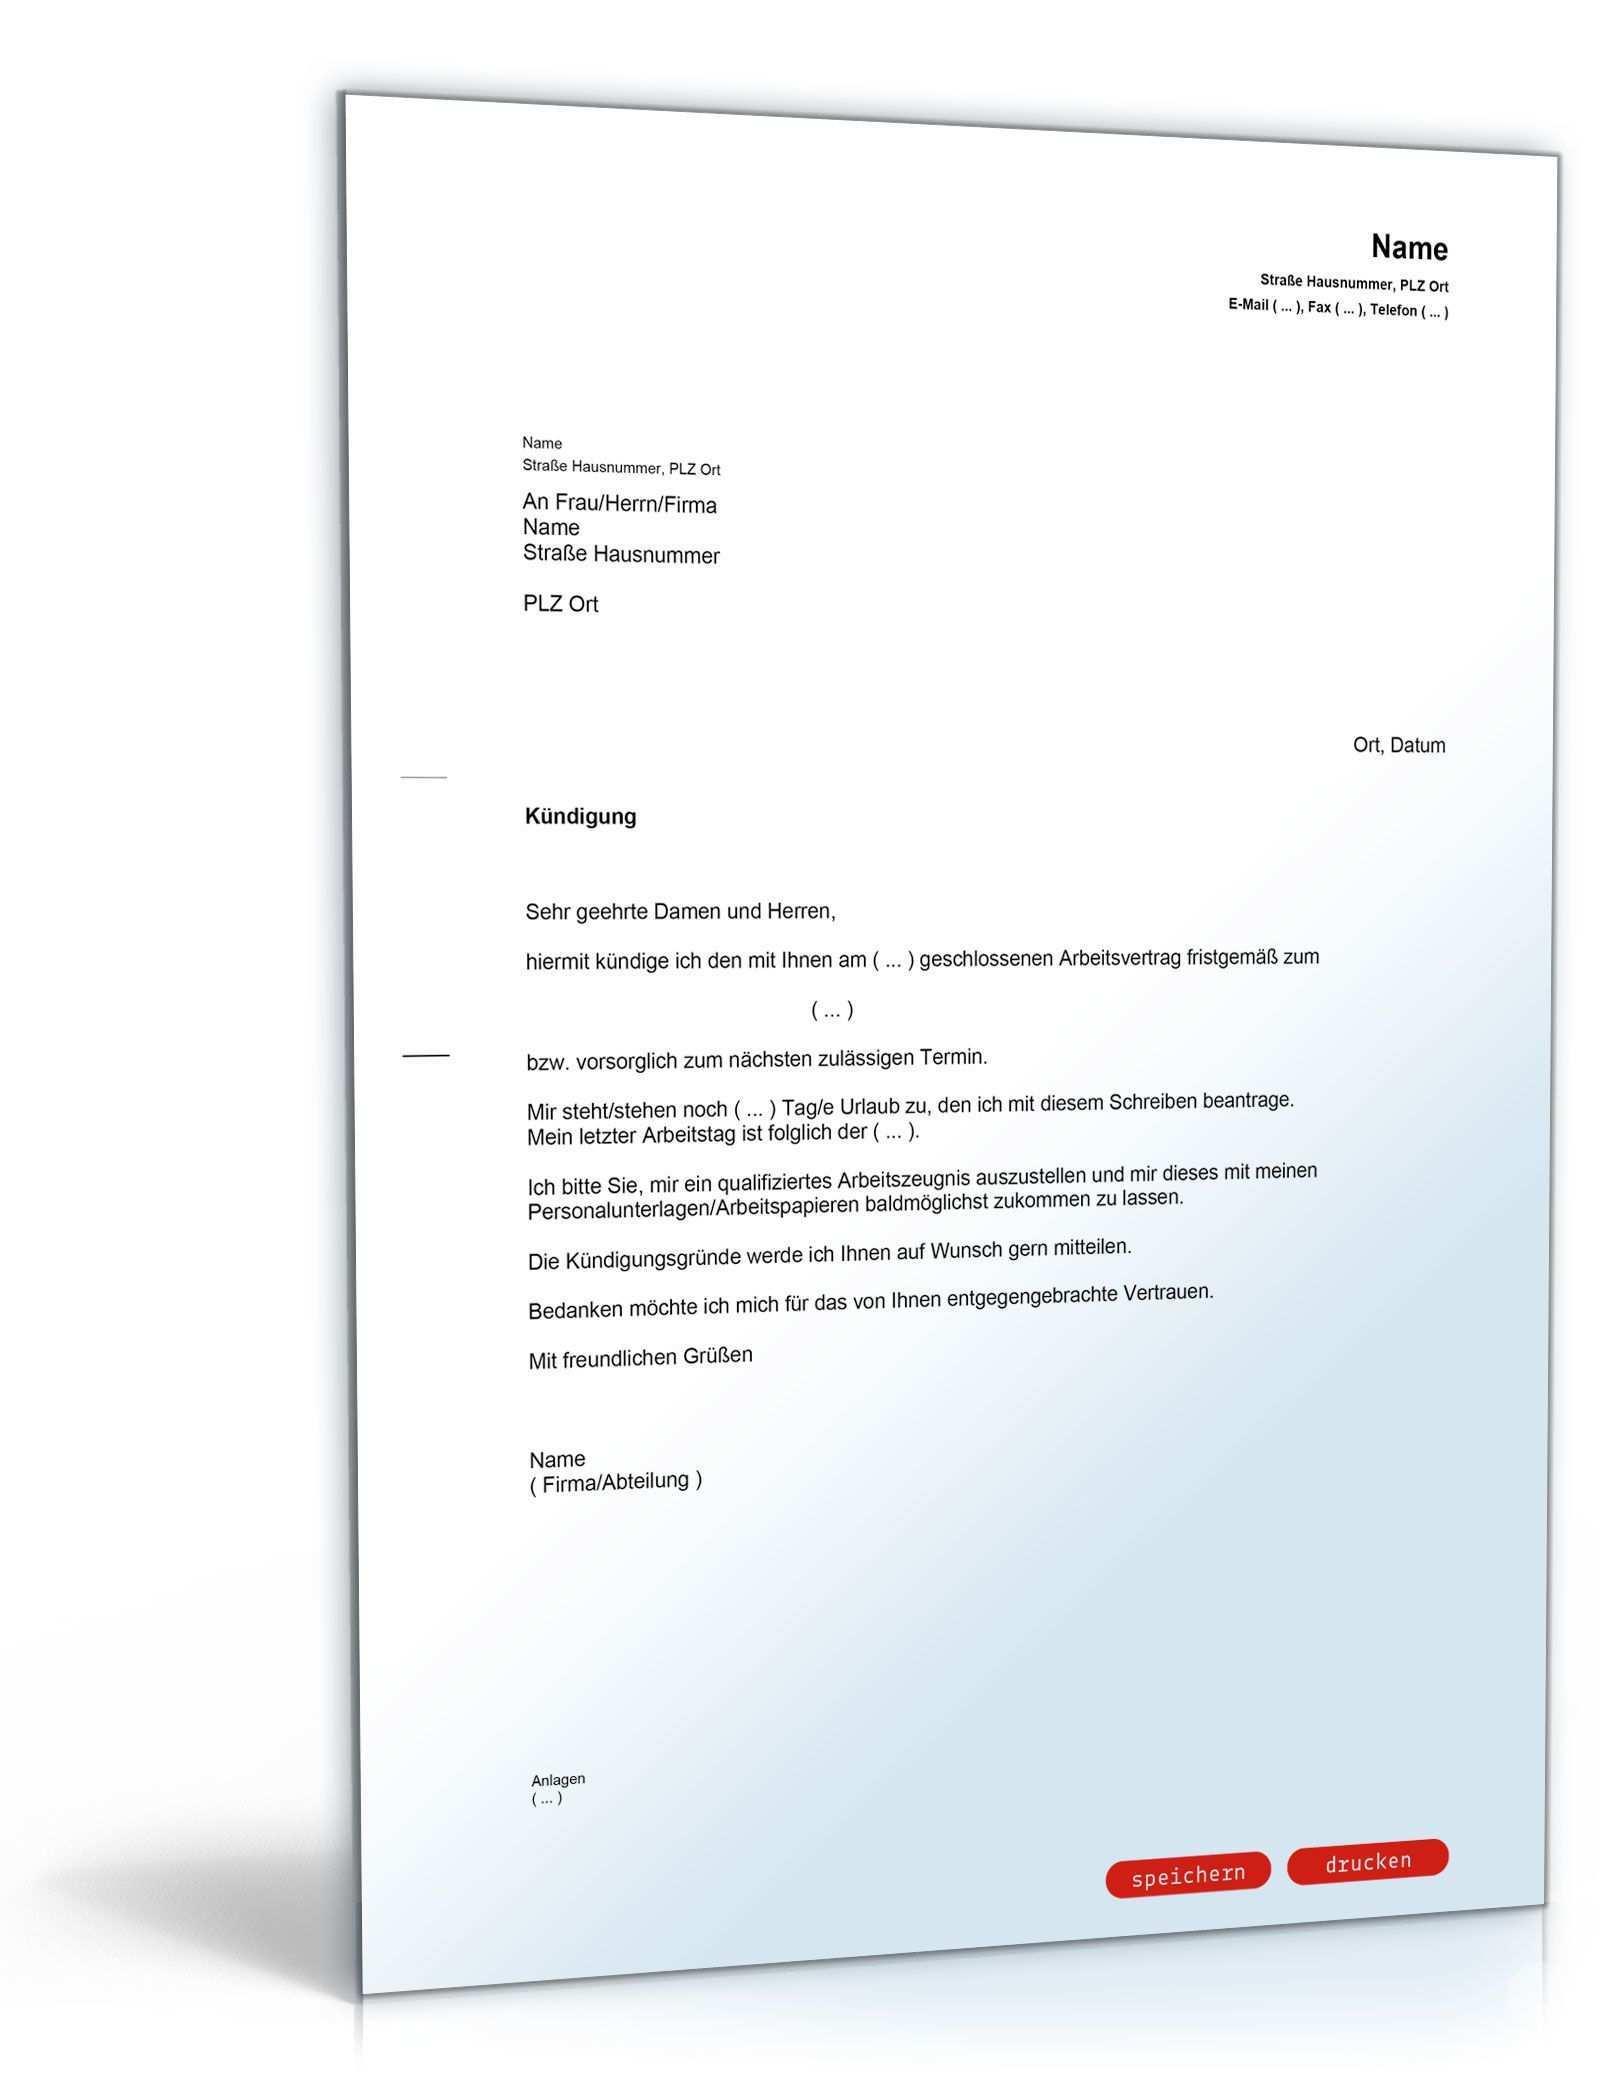 Kundigung Vorlage Arbeitsvertrag Kostenlos Lebenslauf Vorlagen Word Empfehlungsschreiben